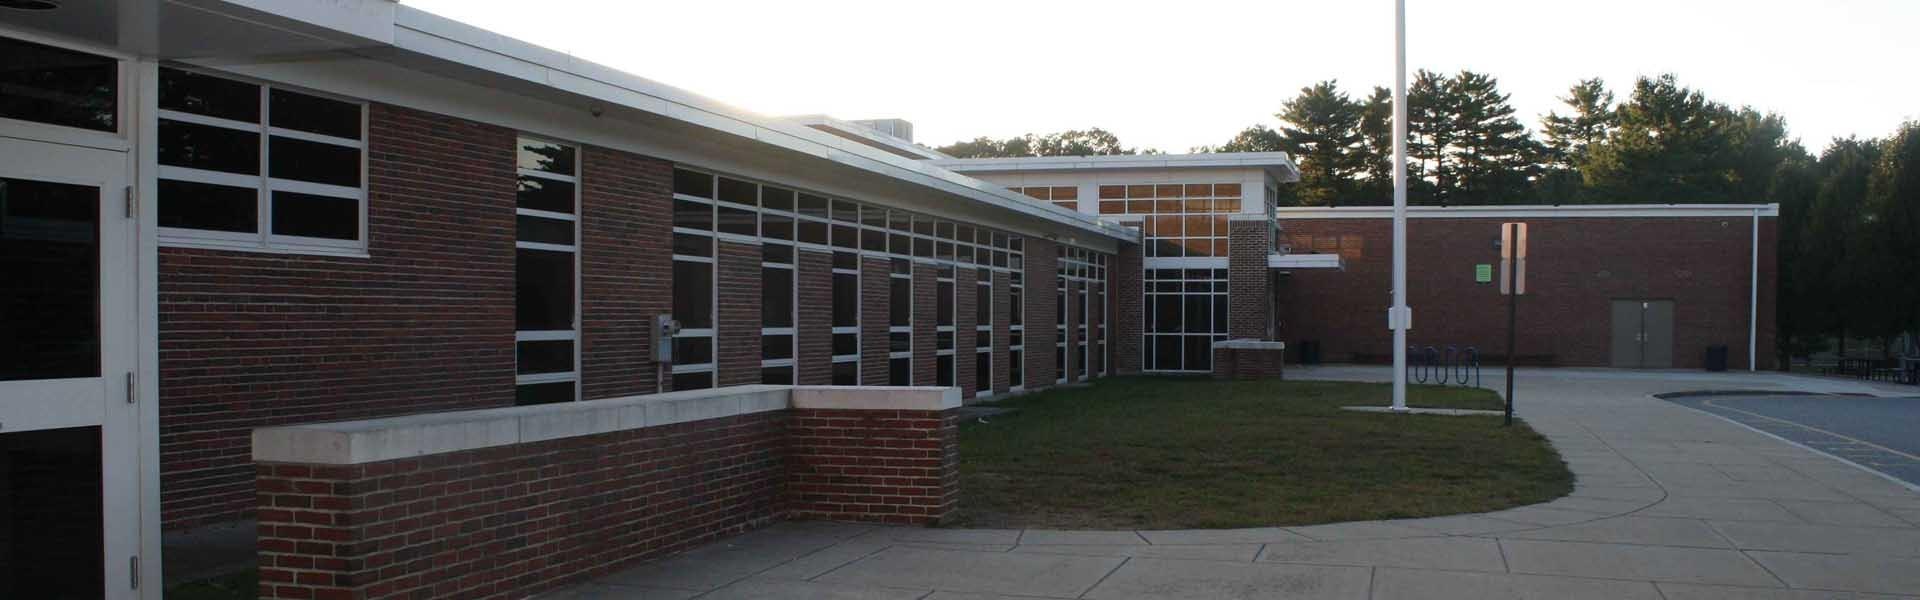 Lynnfield high school Massachusetts Building Banner Main USA 2019